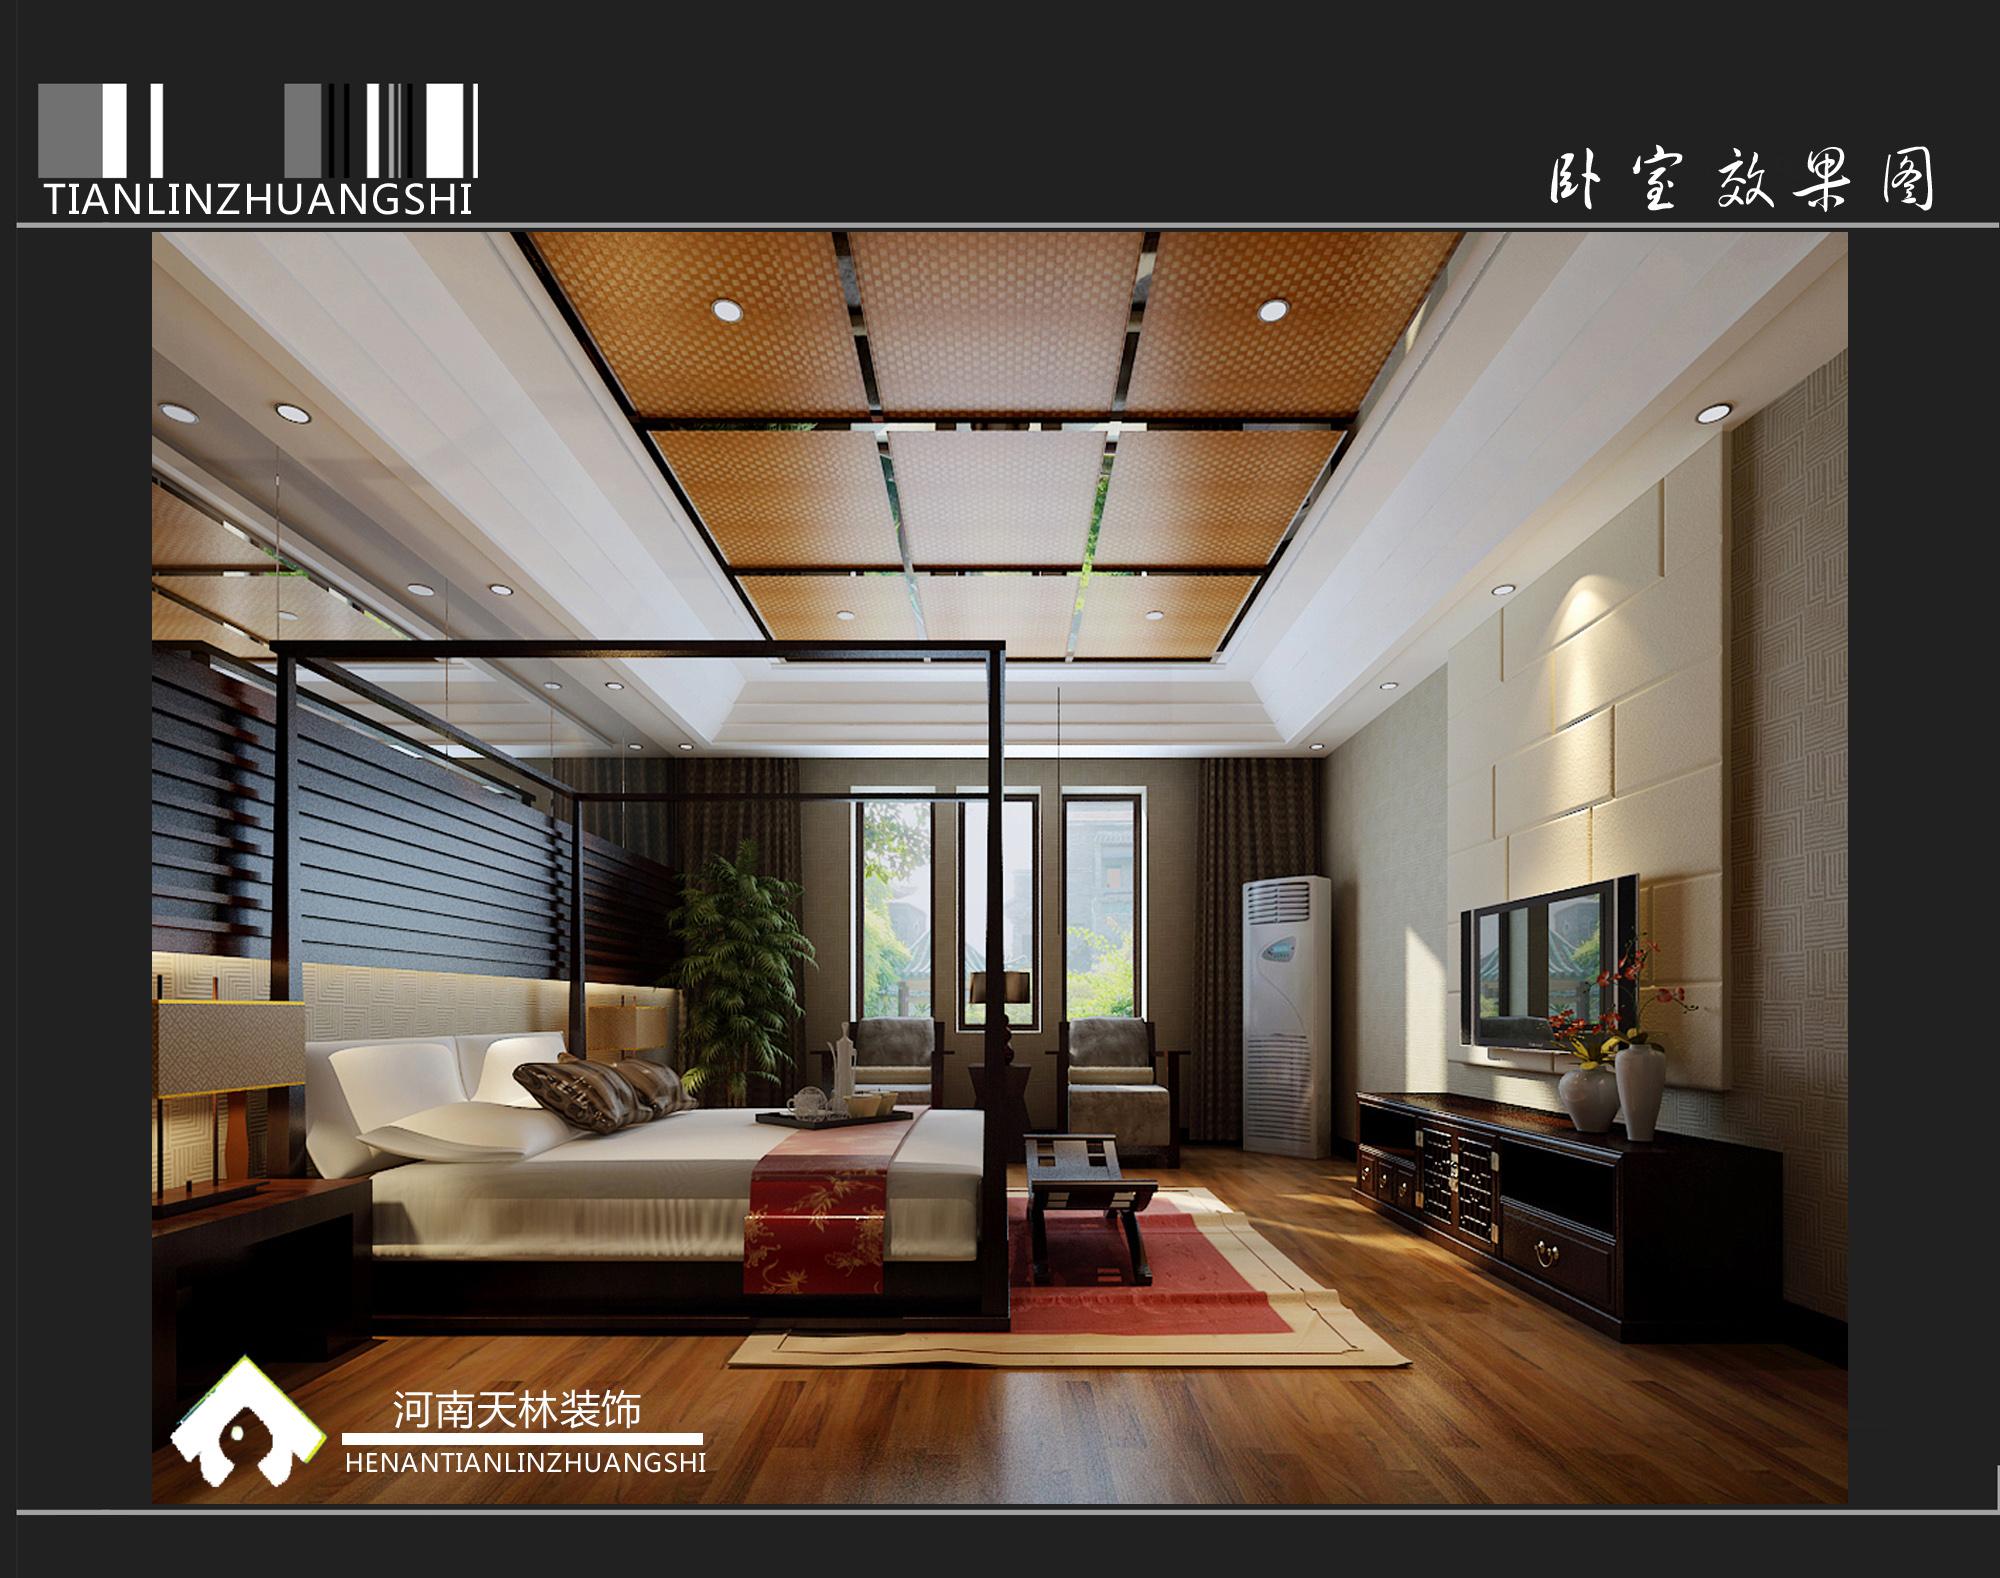 家居图库 精美案例 橡树湾装修效果图  地区:郑州楼盘:户型:3室2厅2卫